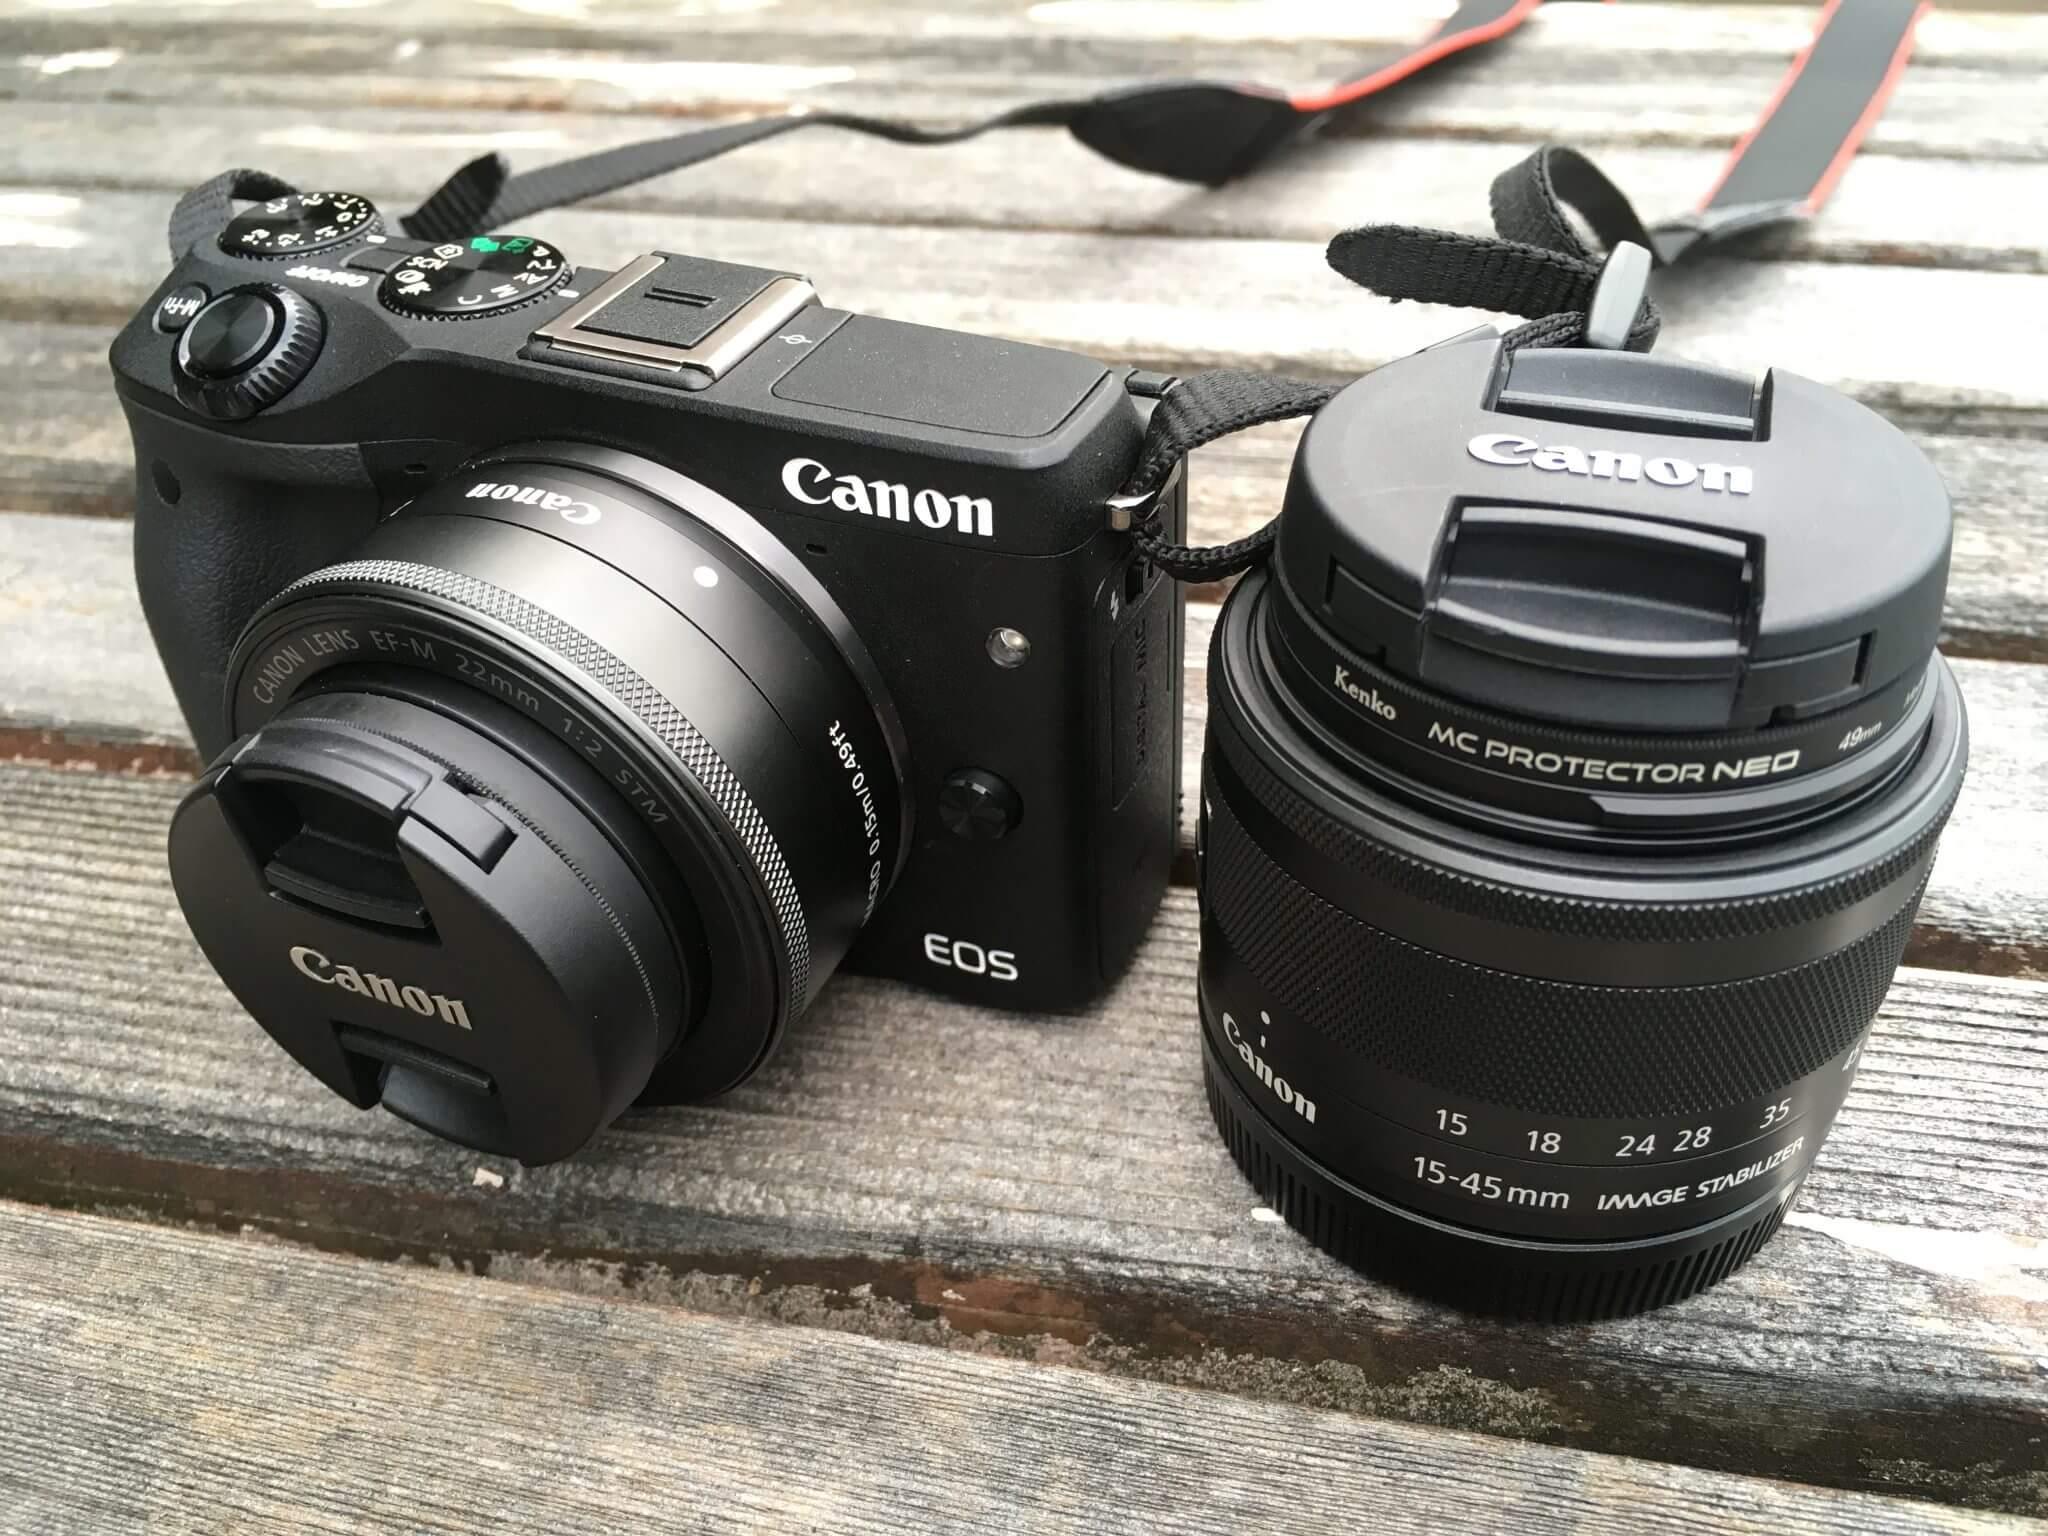 Canon EOS M3 ダブルレンズキット2   レビュー 小いさなカメラだけど、楽しい!頼りになるヤツ!